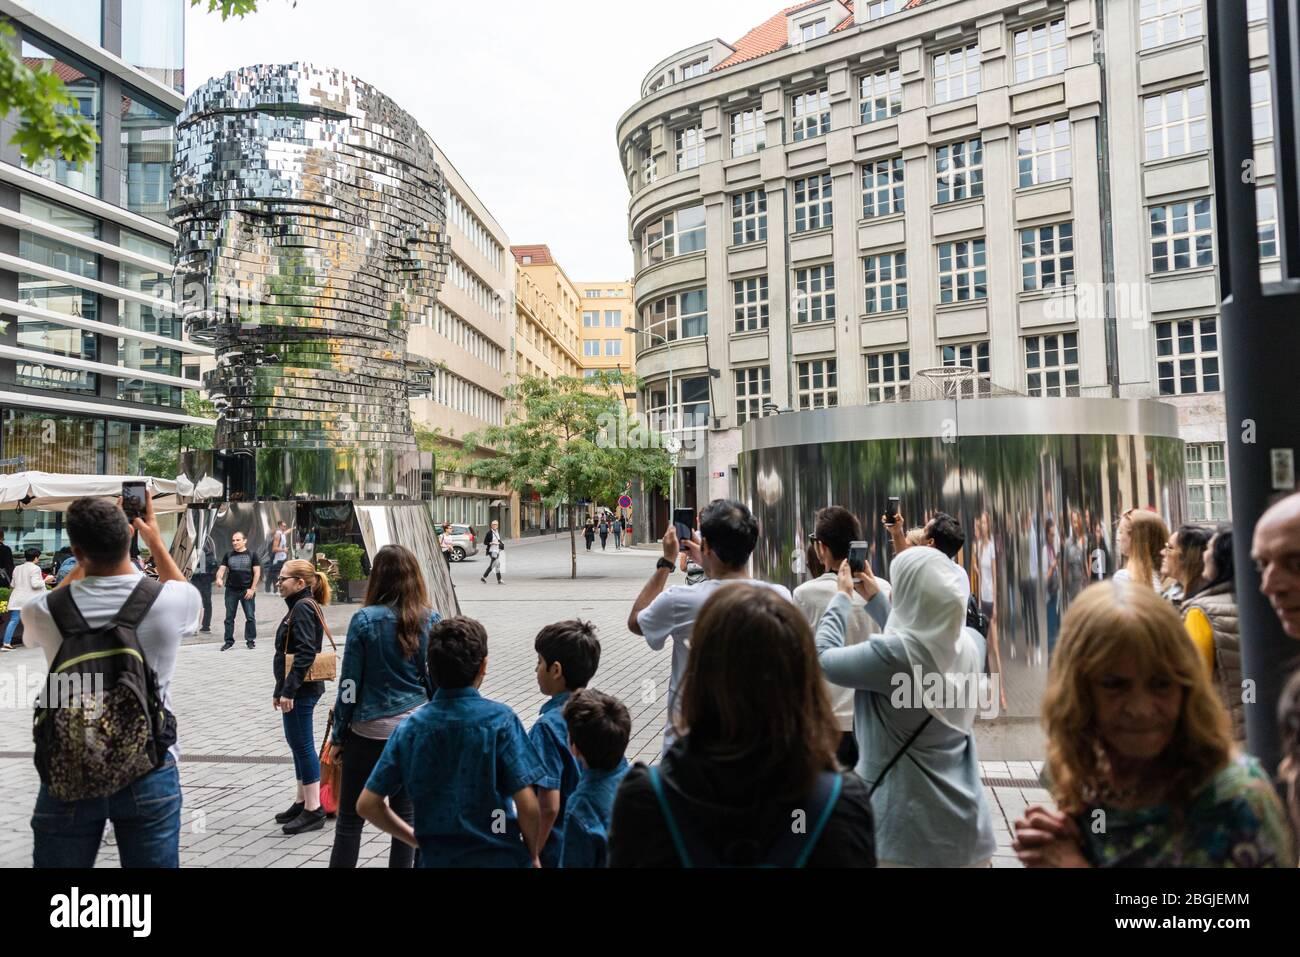 Persone, turisti che guardano la testa di Franz Kafka conosciuta come la statua di Kafka scultura all'aperto di David Cerny, installato fuori del Quadrio shopping Foto Stock